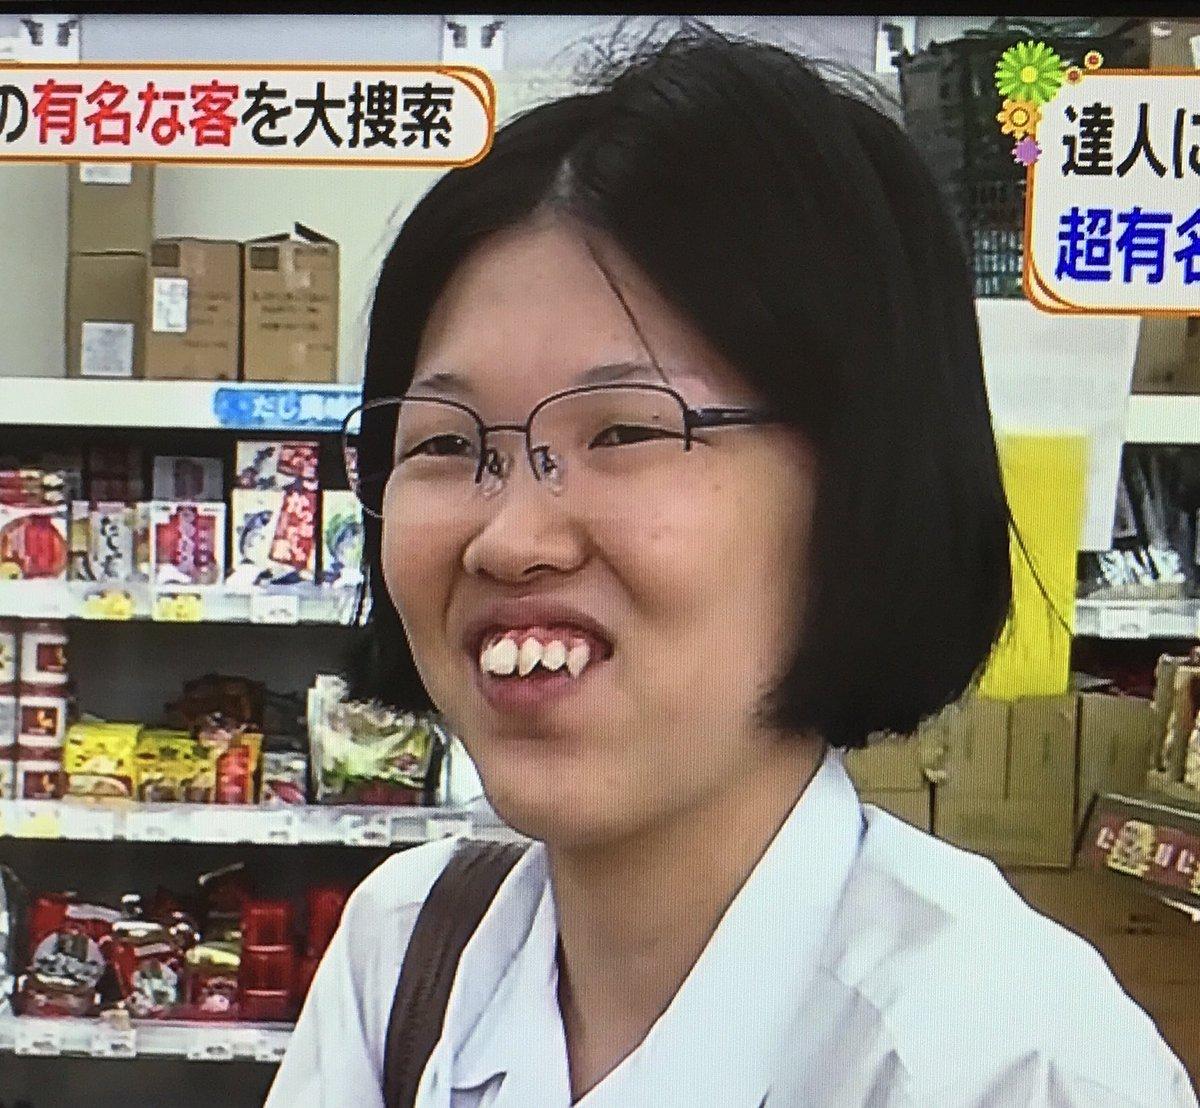 子 業務 田 スー